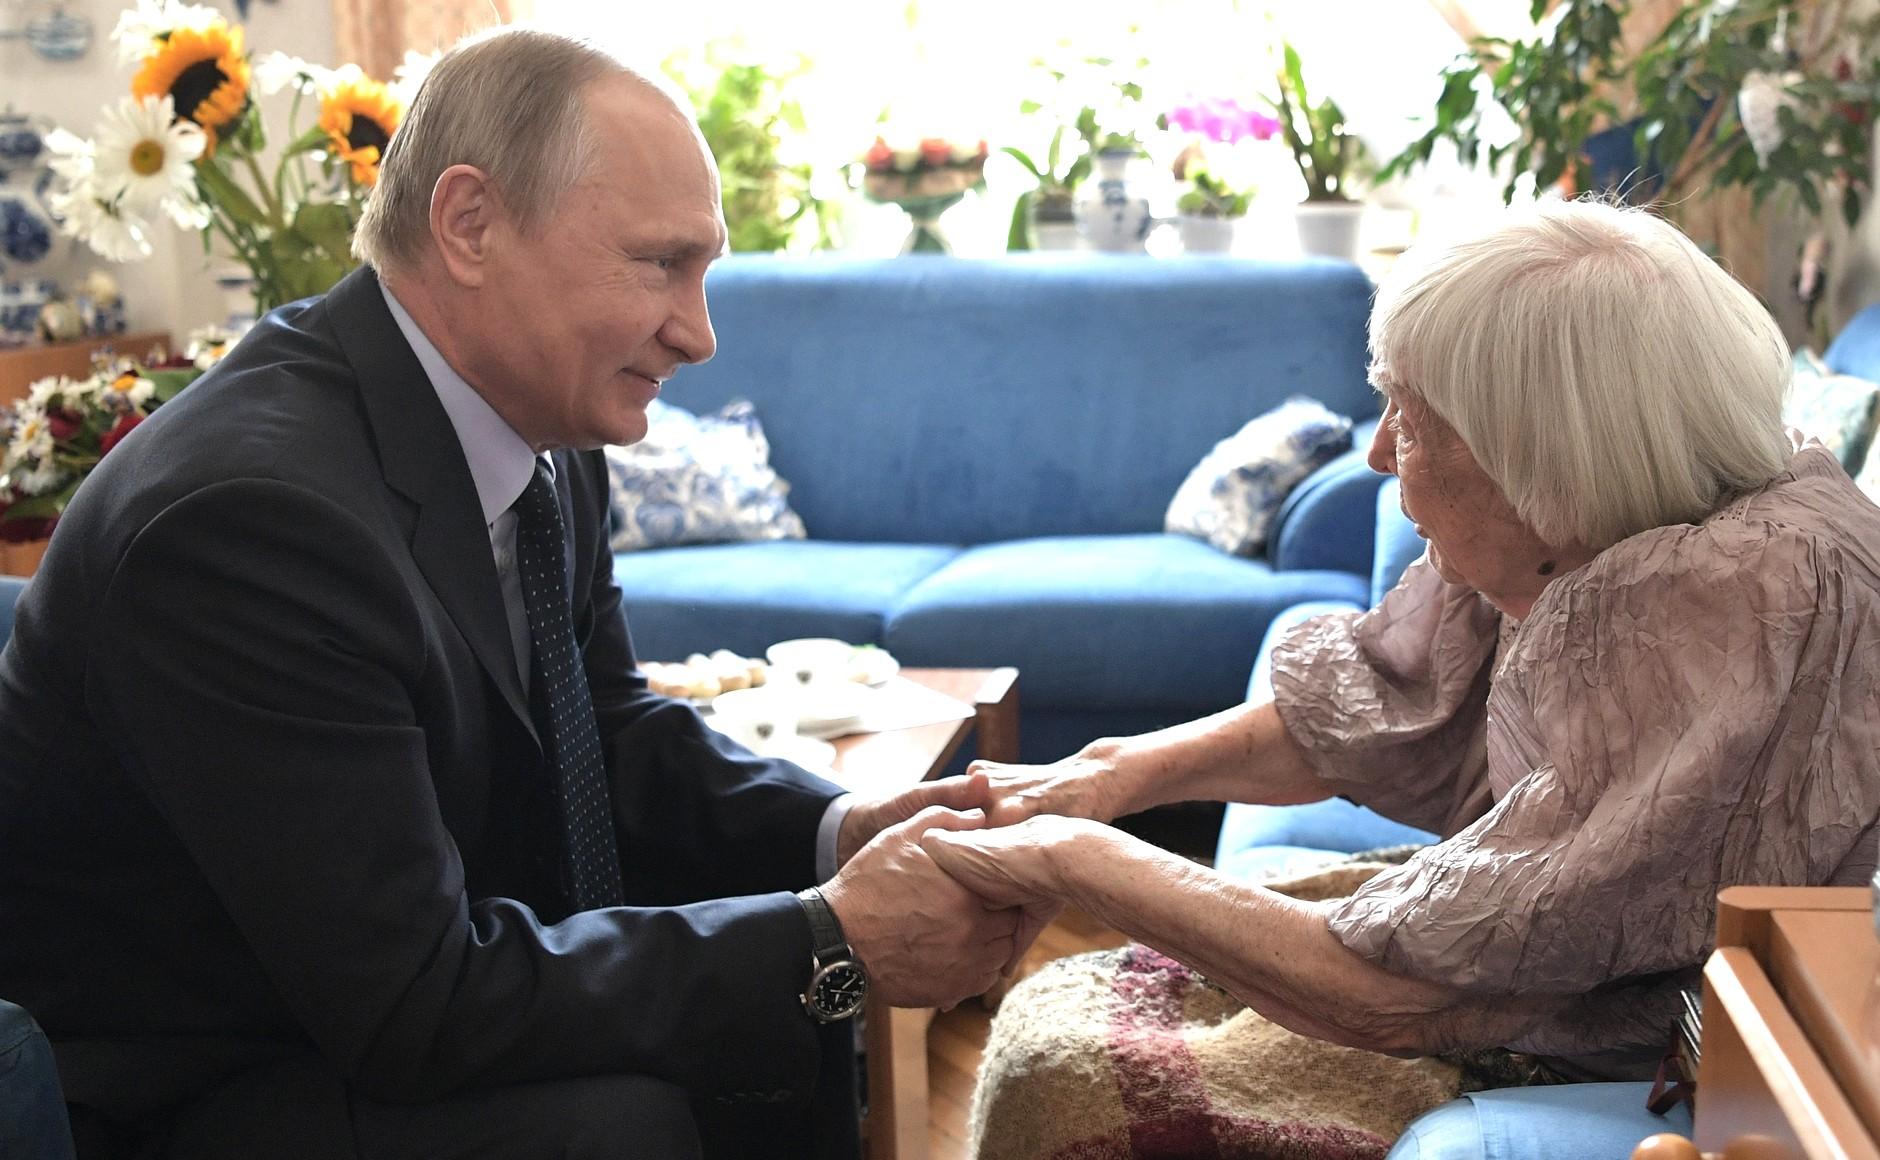 Алексеева, Путин, общество, Россия, правозащитница, скандал, целование рук